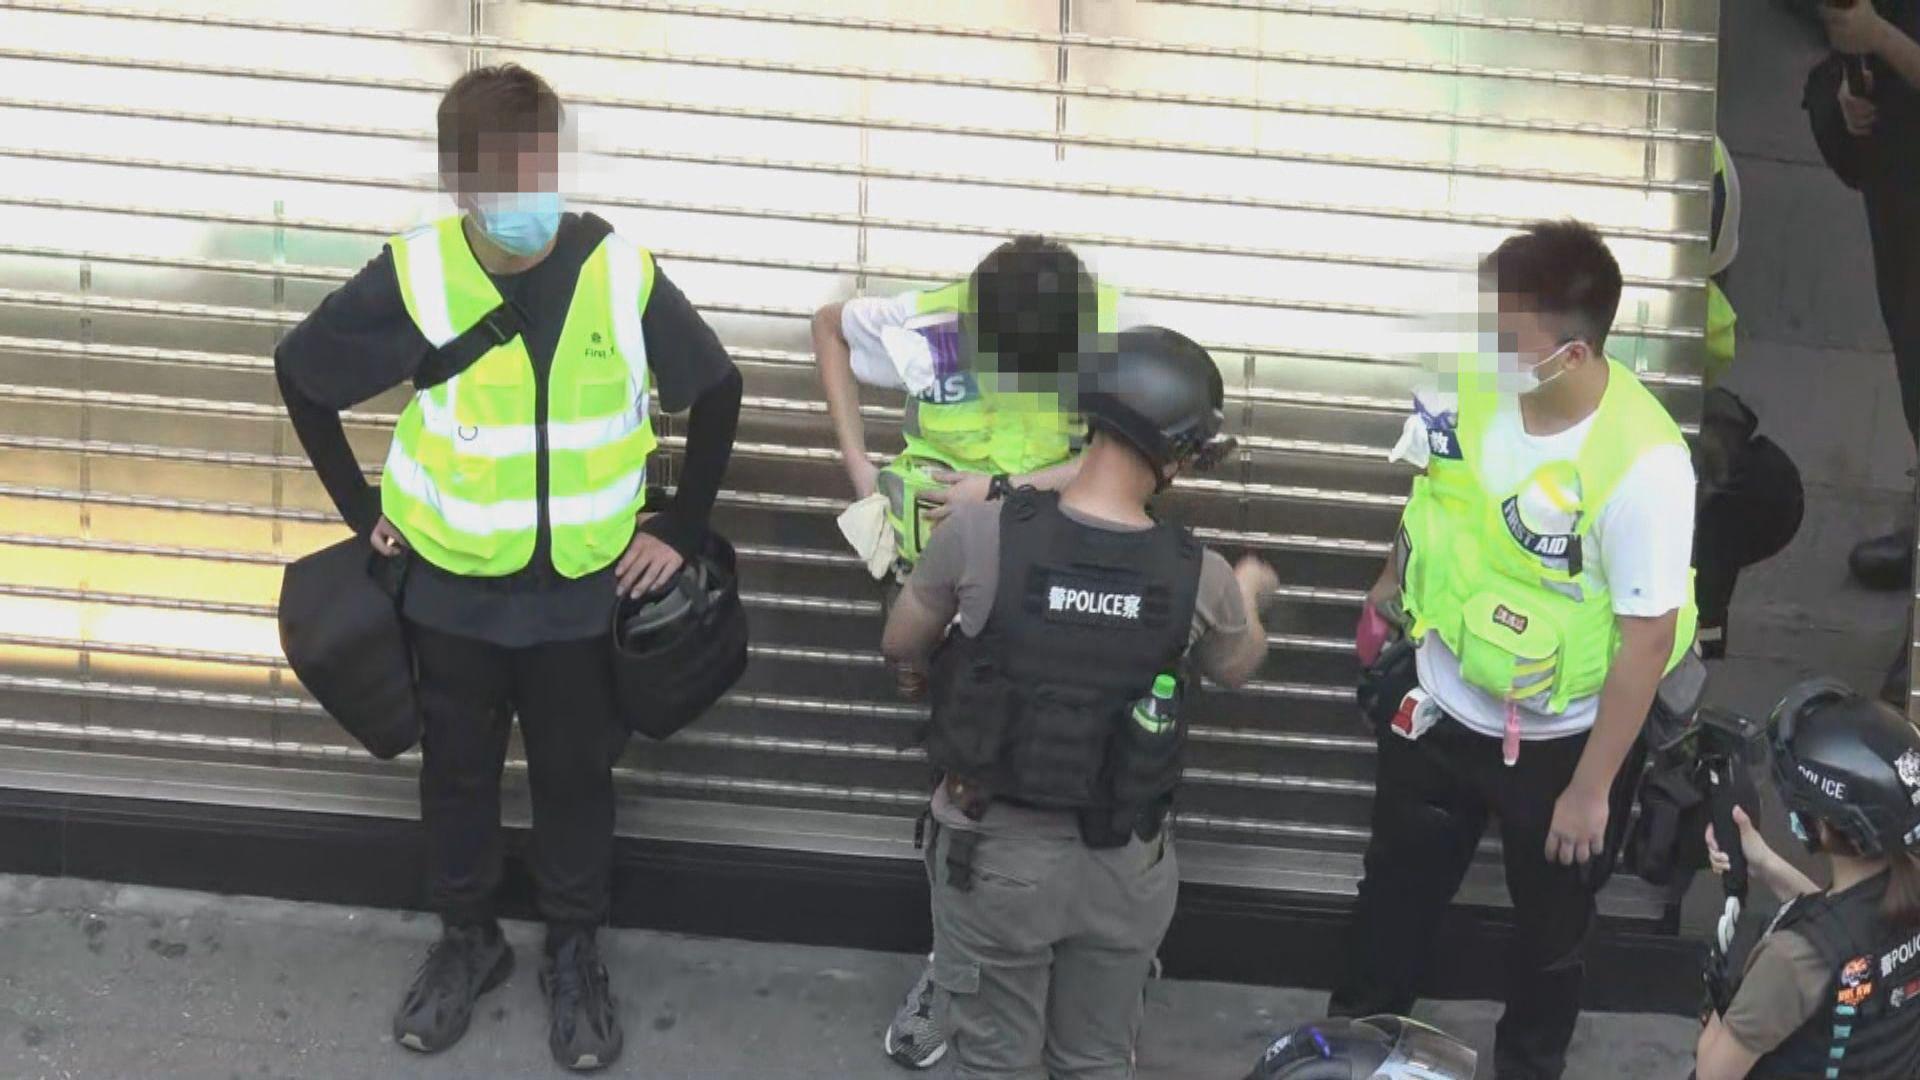 警方指有人涉嫌非法集結 共拘捕五十三人